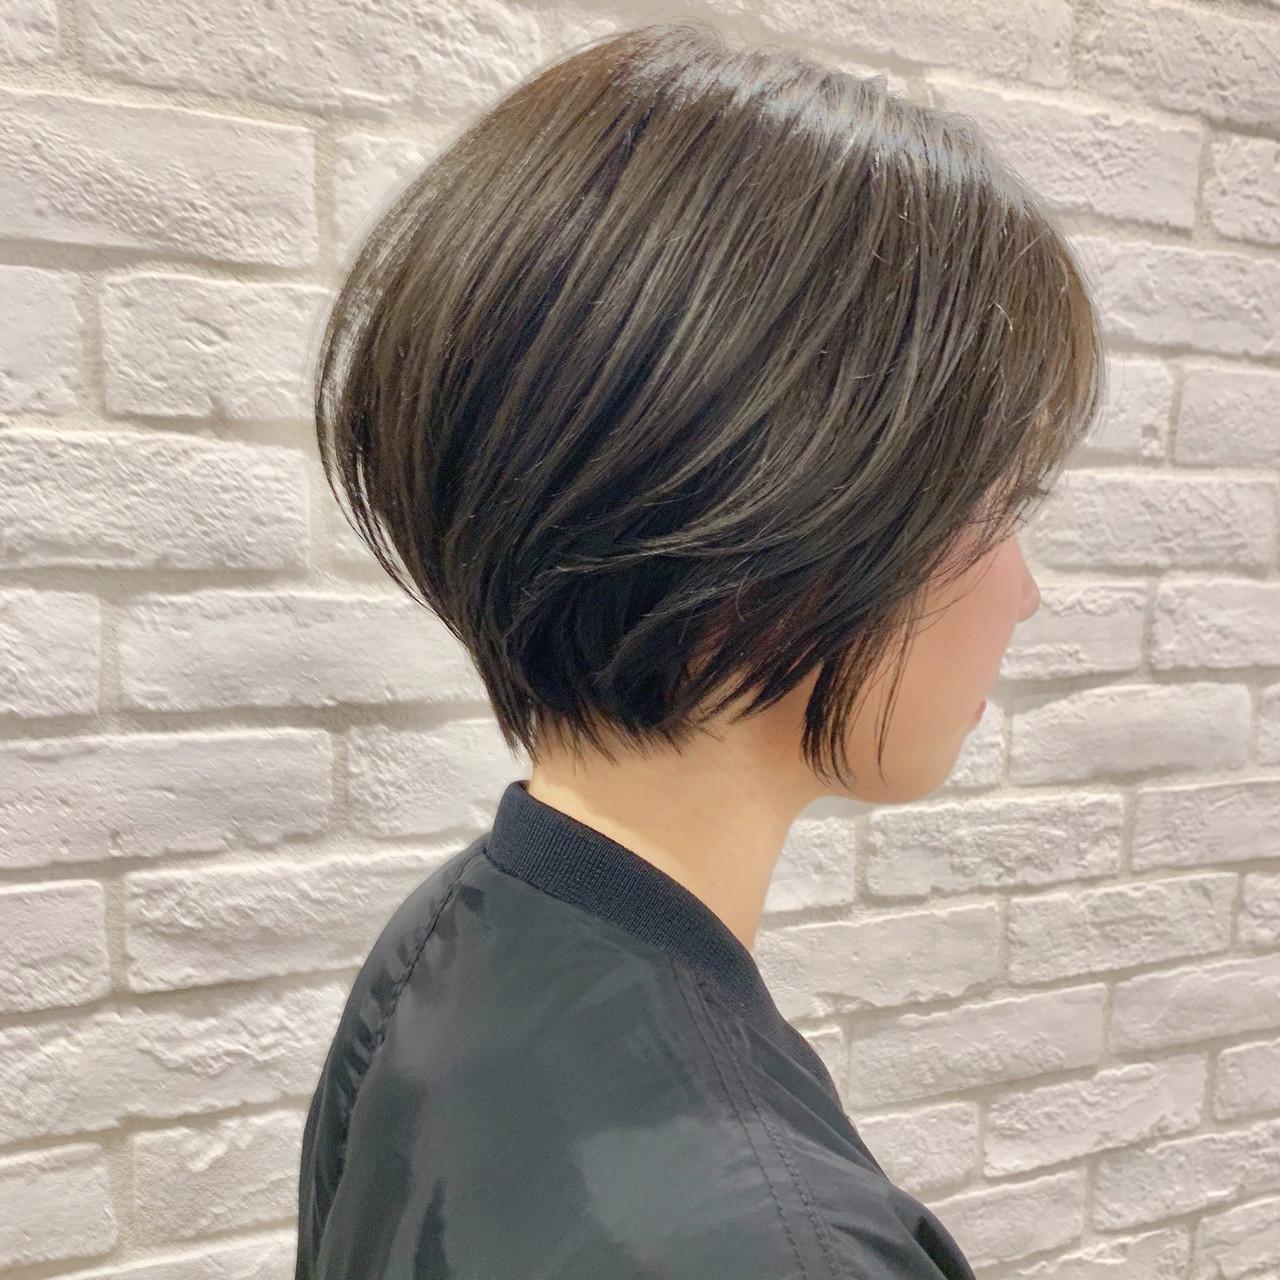 オフィス デート パーマ ナチュラル ヘアスタイルや髪型の写真・画像 | ショートボブの匠【 山内大成 】『i.hair』 / 『 i. 』 omotesando